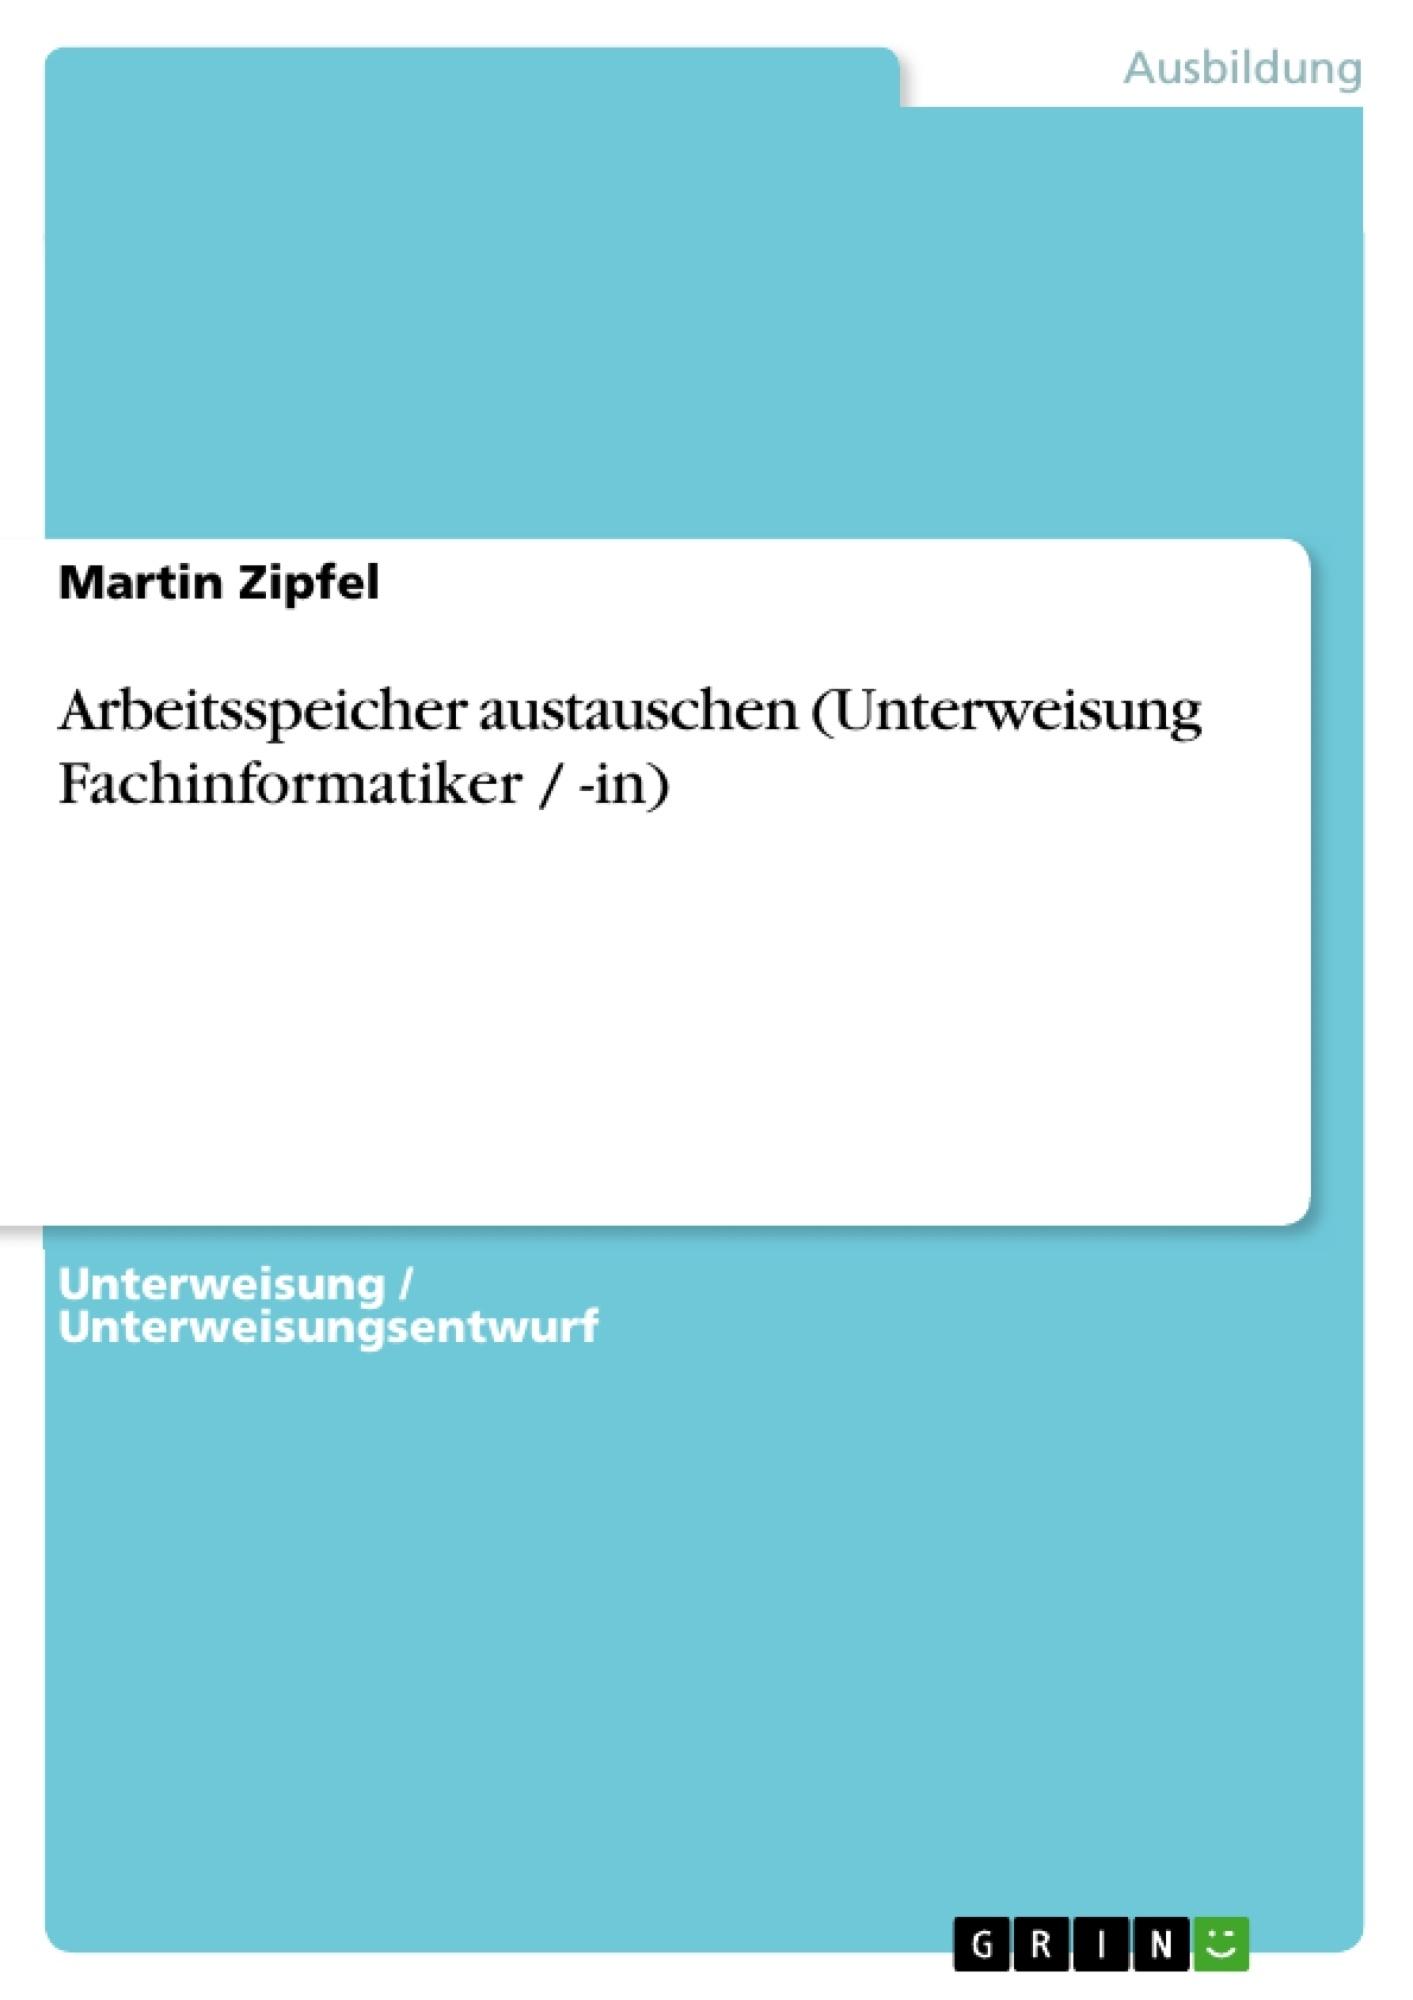 Titel: Arbeitsspeicher austauschen (Unterweisung Fachinformatiker / -in)